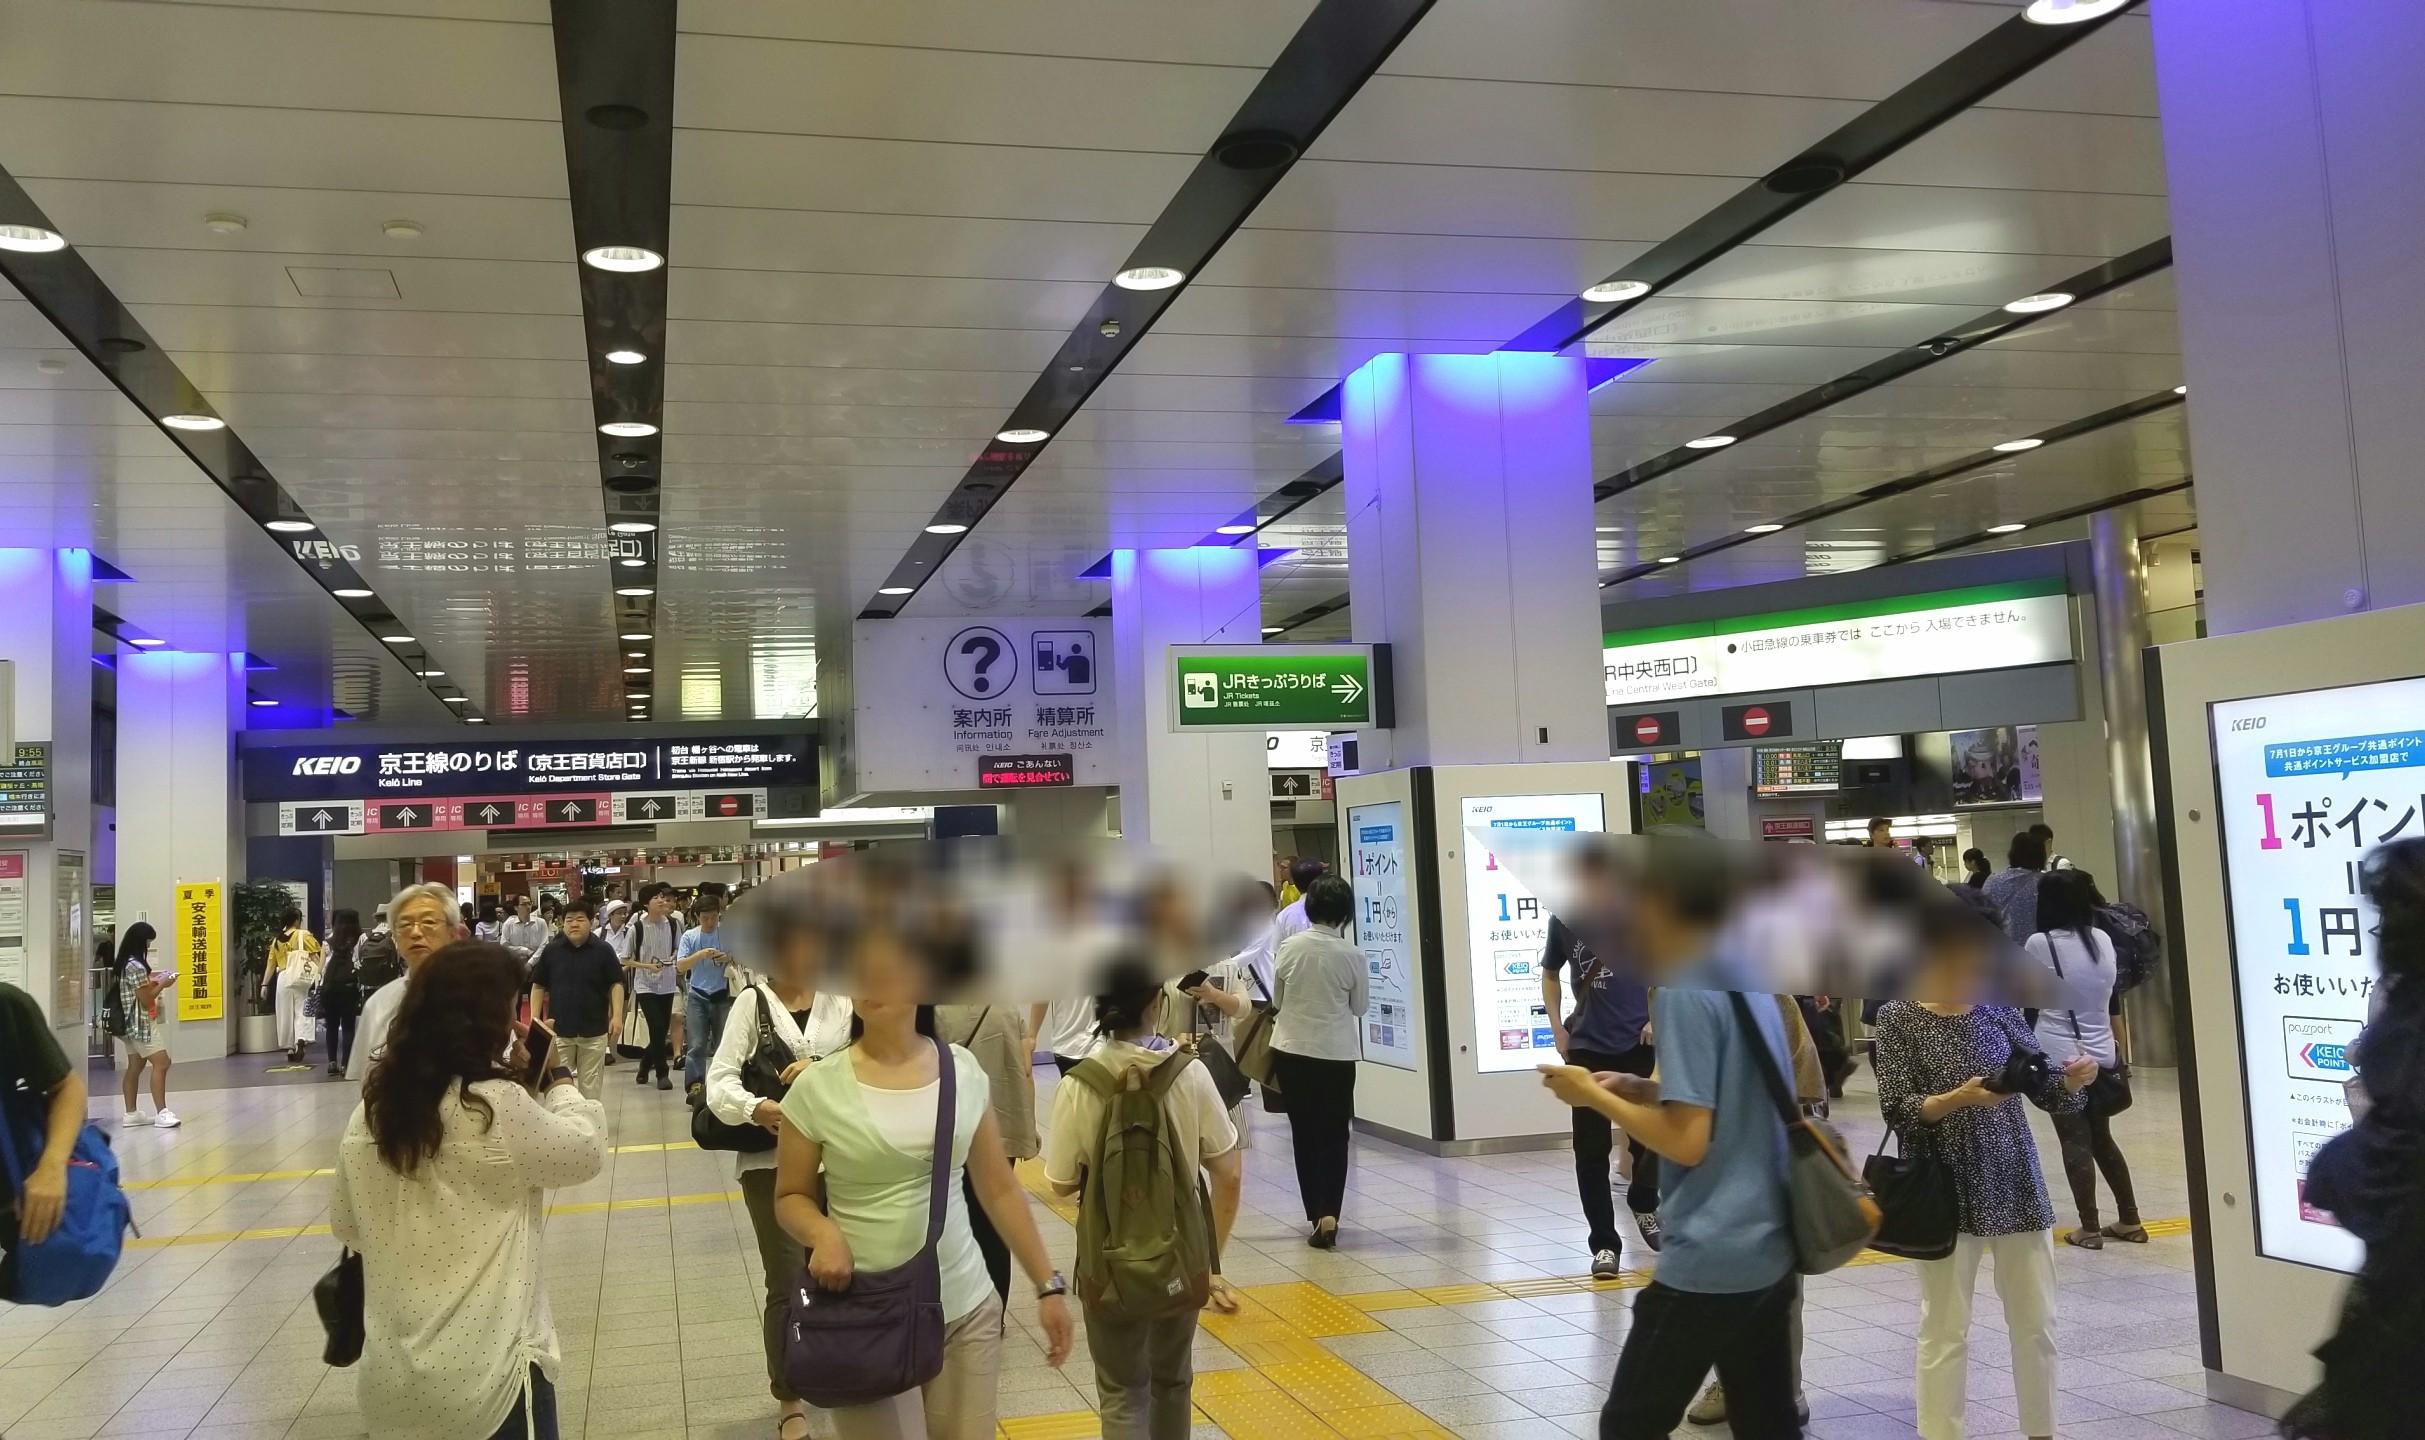 東京, 京王百貨店, 地下, 観光旅行